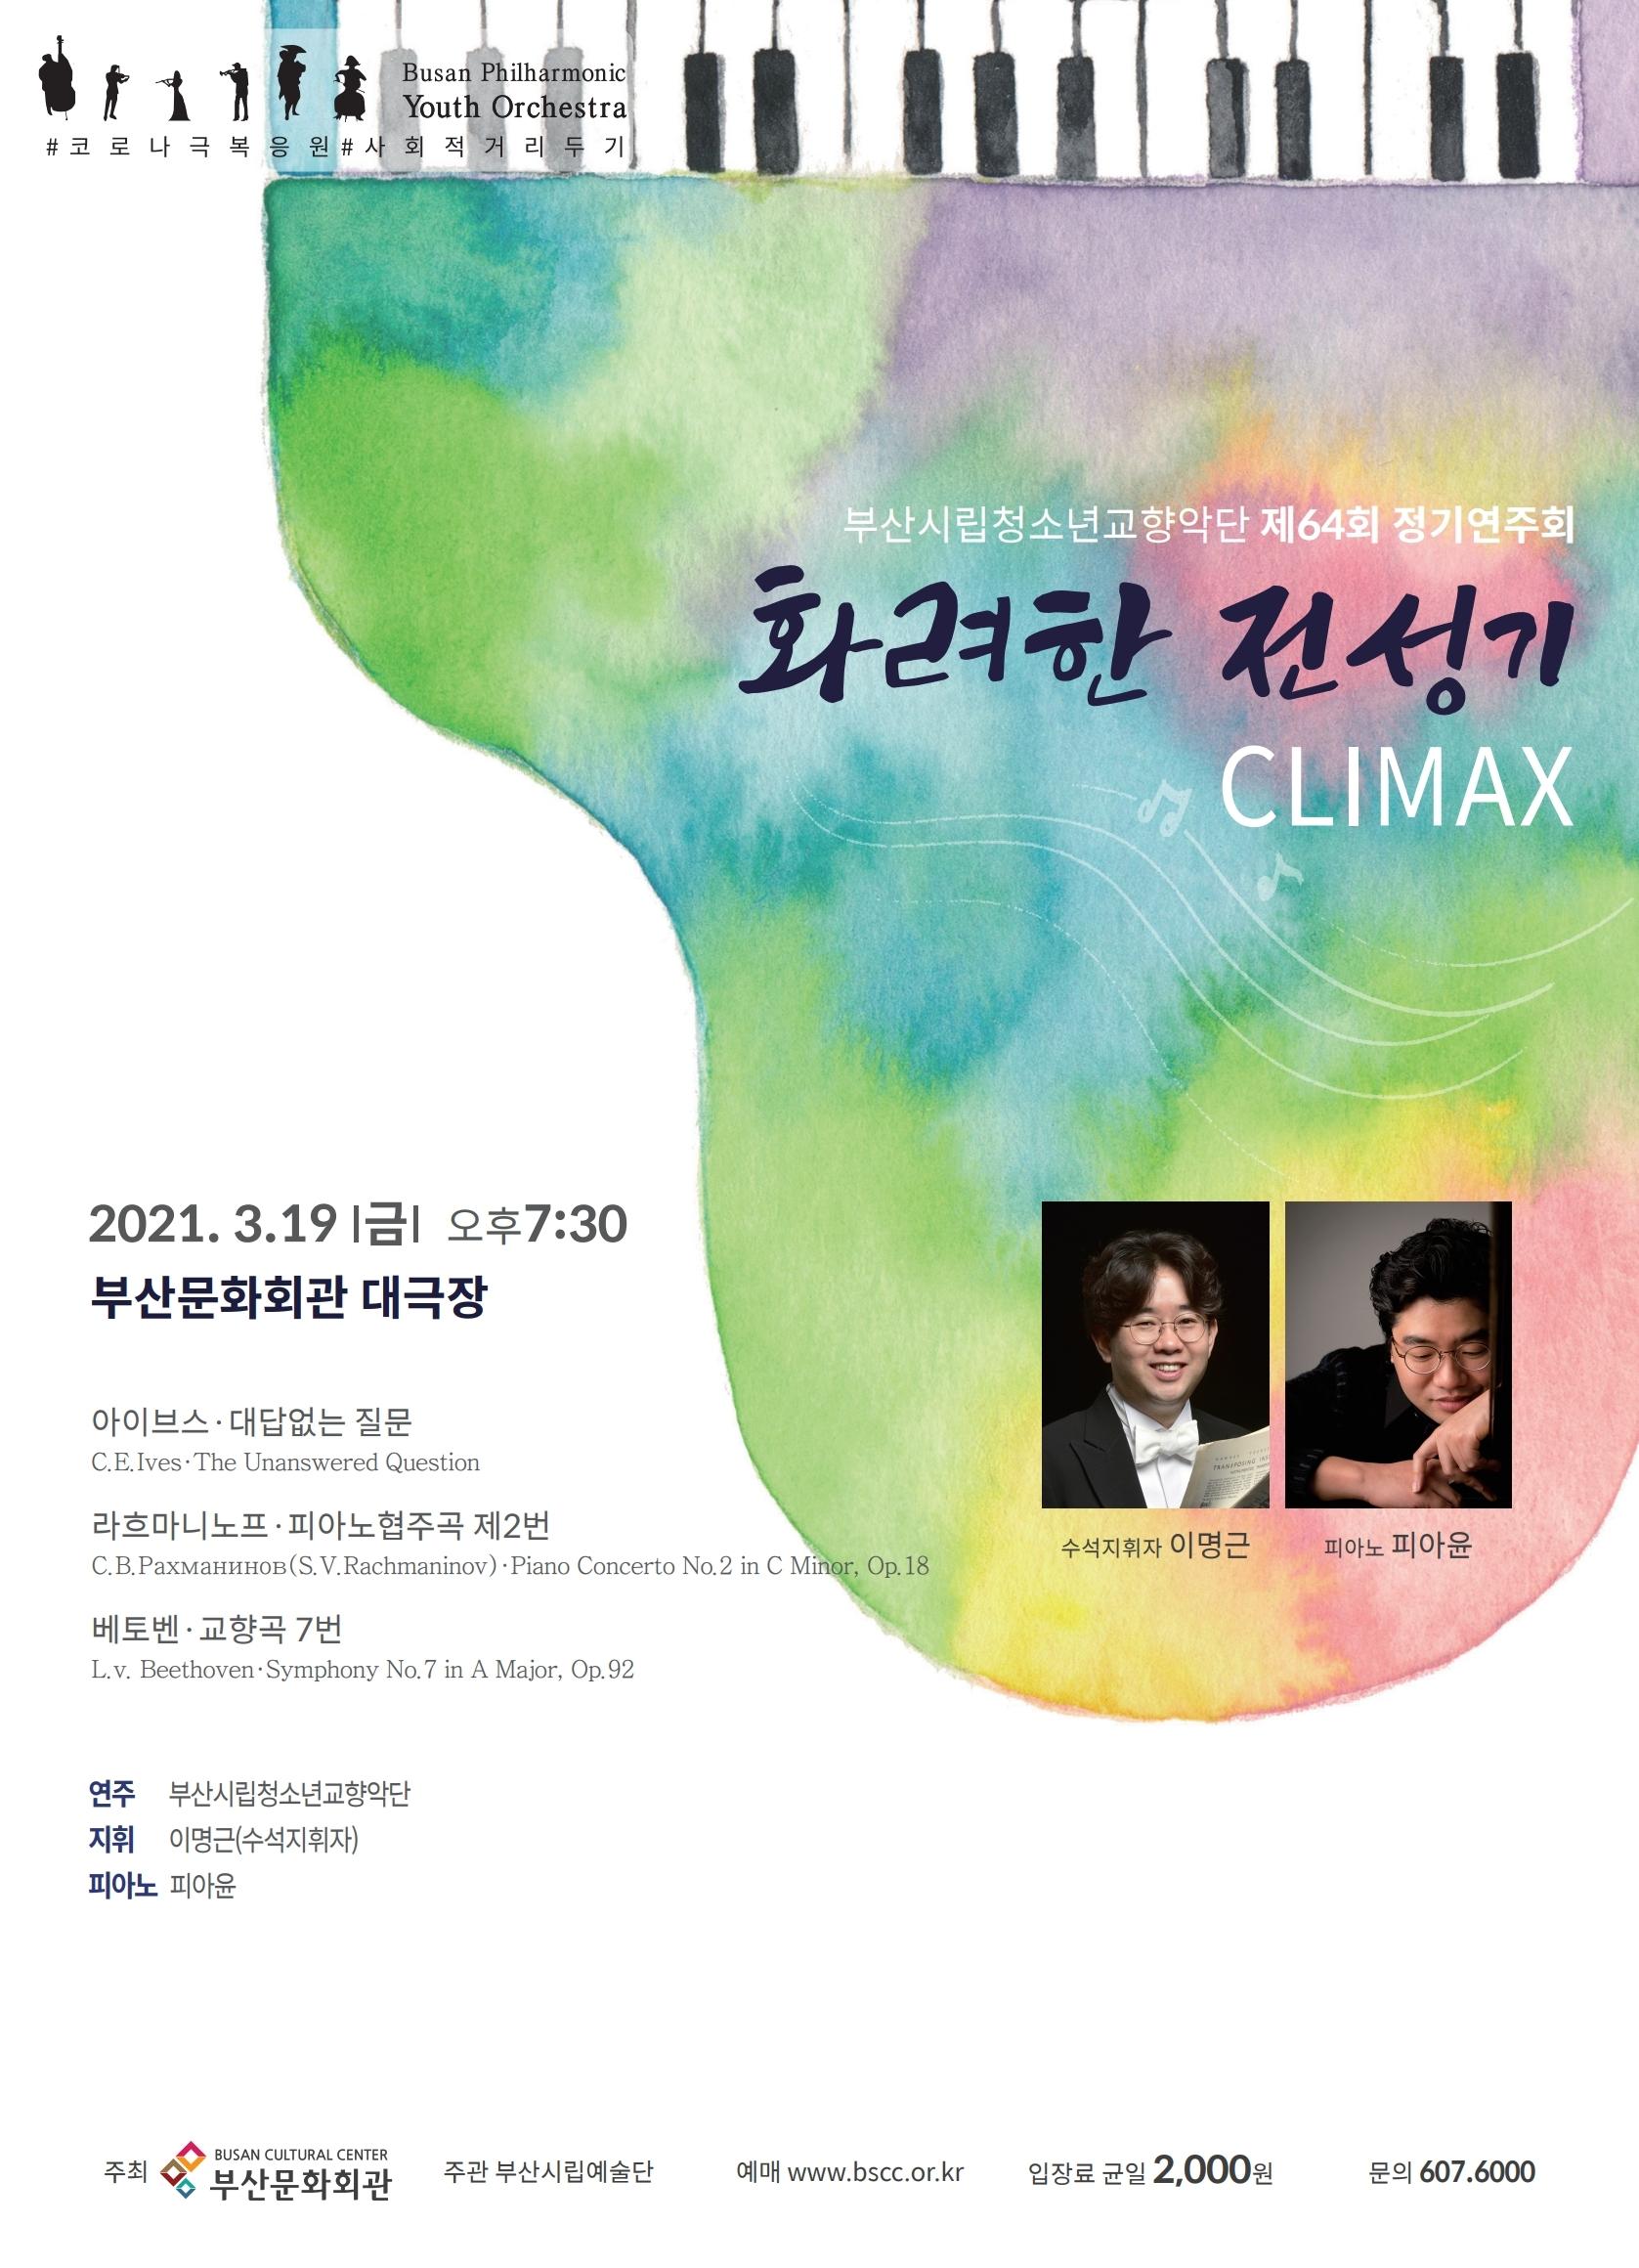 부산시립청소년교향악단 제64회 정기연주회 화려한 전성기, CLIMAX